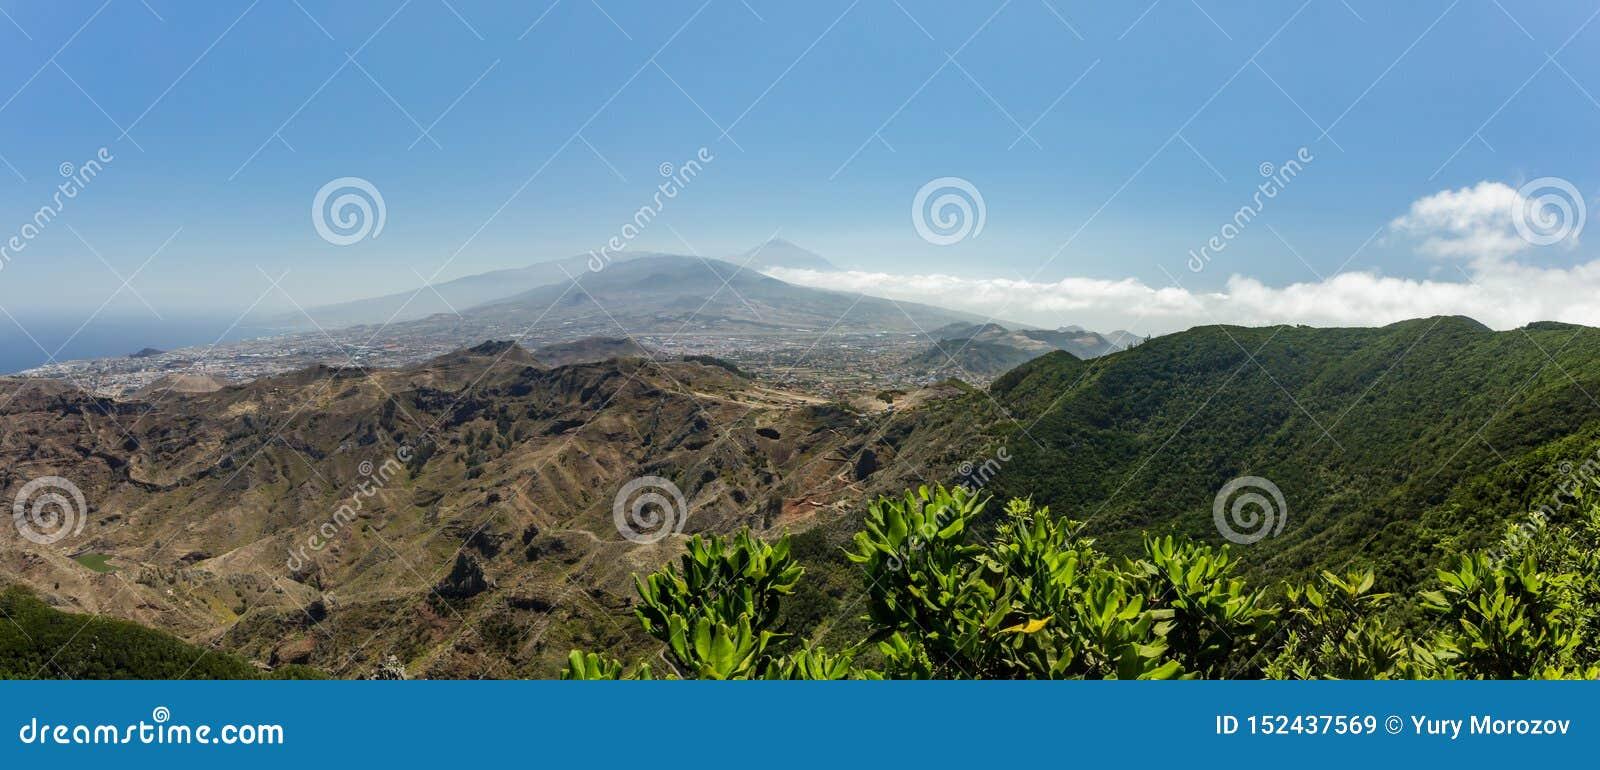 Flyg- kustsikt av berg Anaga och den LaLaguna dalen Solig dag klar blå himmel med små fluffiga vita moln Äldst del